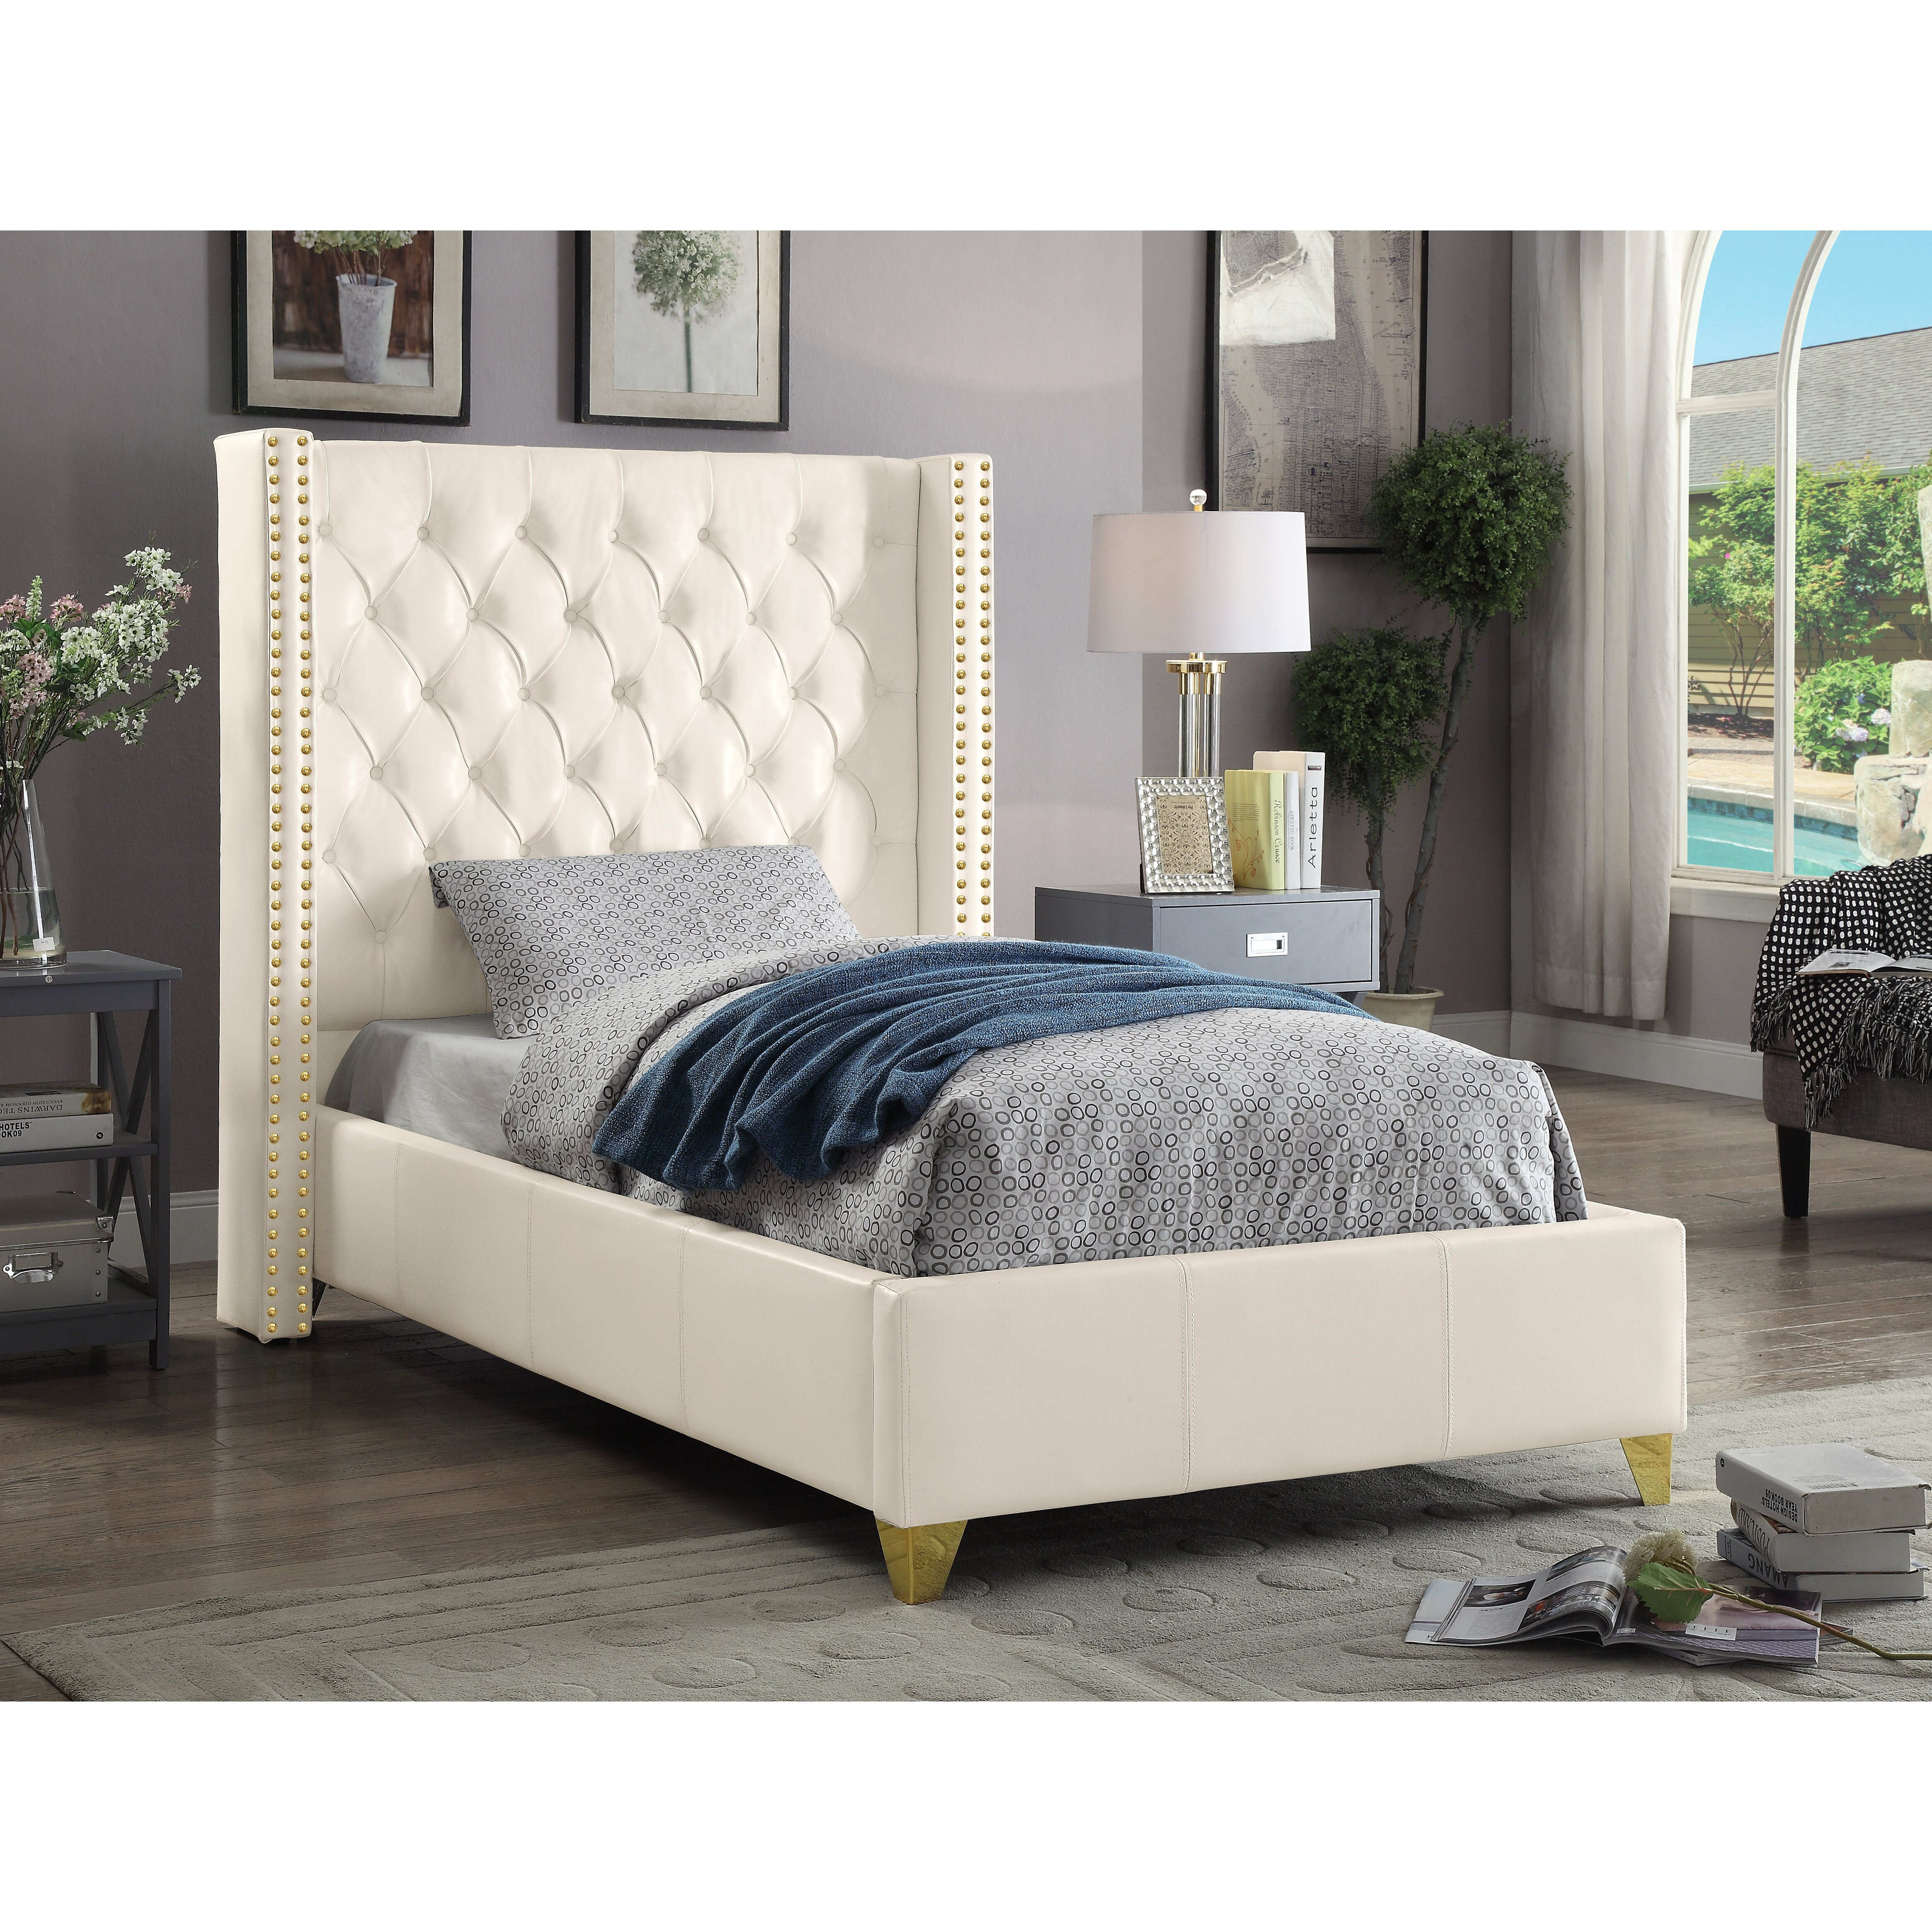 Meridian Furniture Usa Soho Upholstered Platform Bed